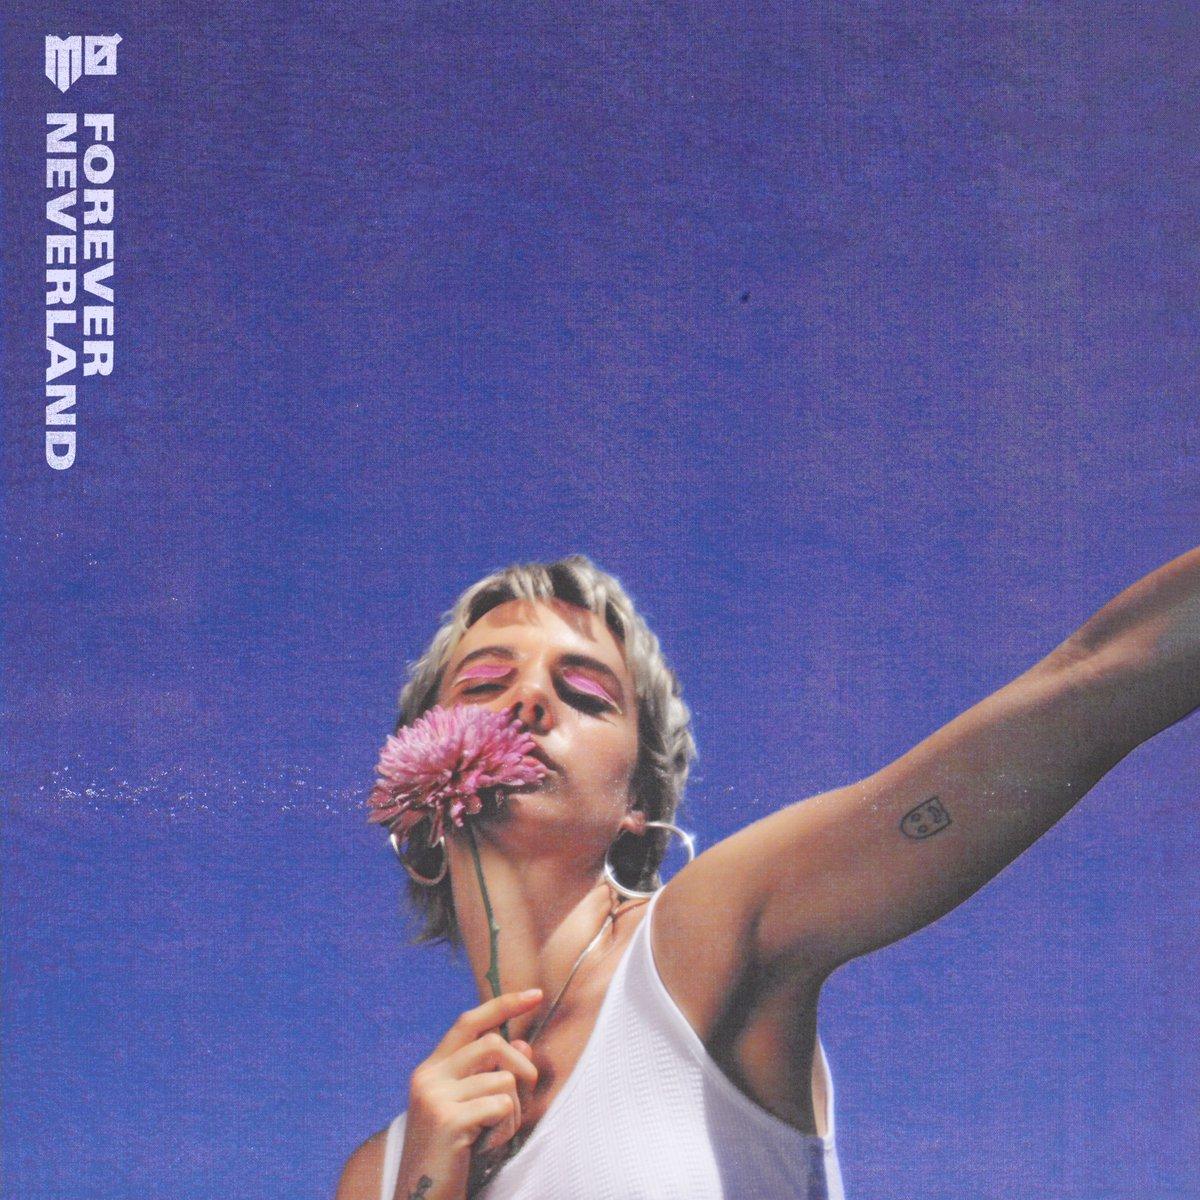 MØ Mo forever neverland album cover artwork